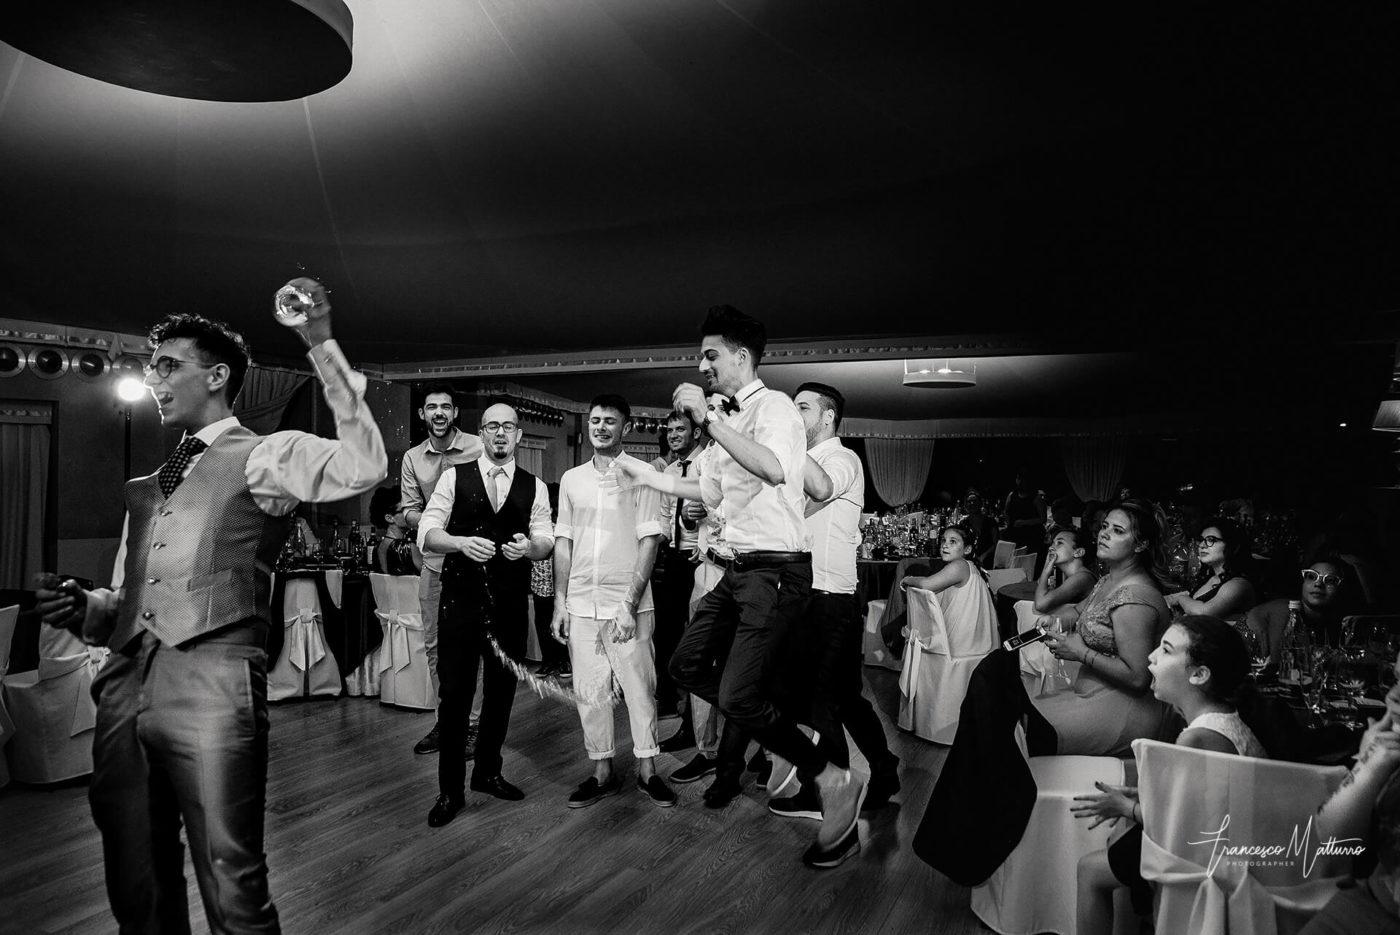 servizio fotografico matrimoniale durante la festa ricevimento presso il ristorante castello rosso di costigliole saluzzo di Francesco Matturro